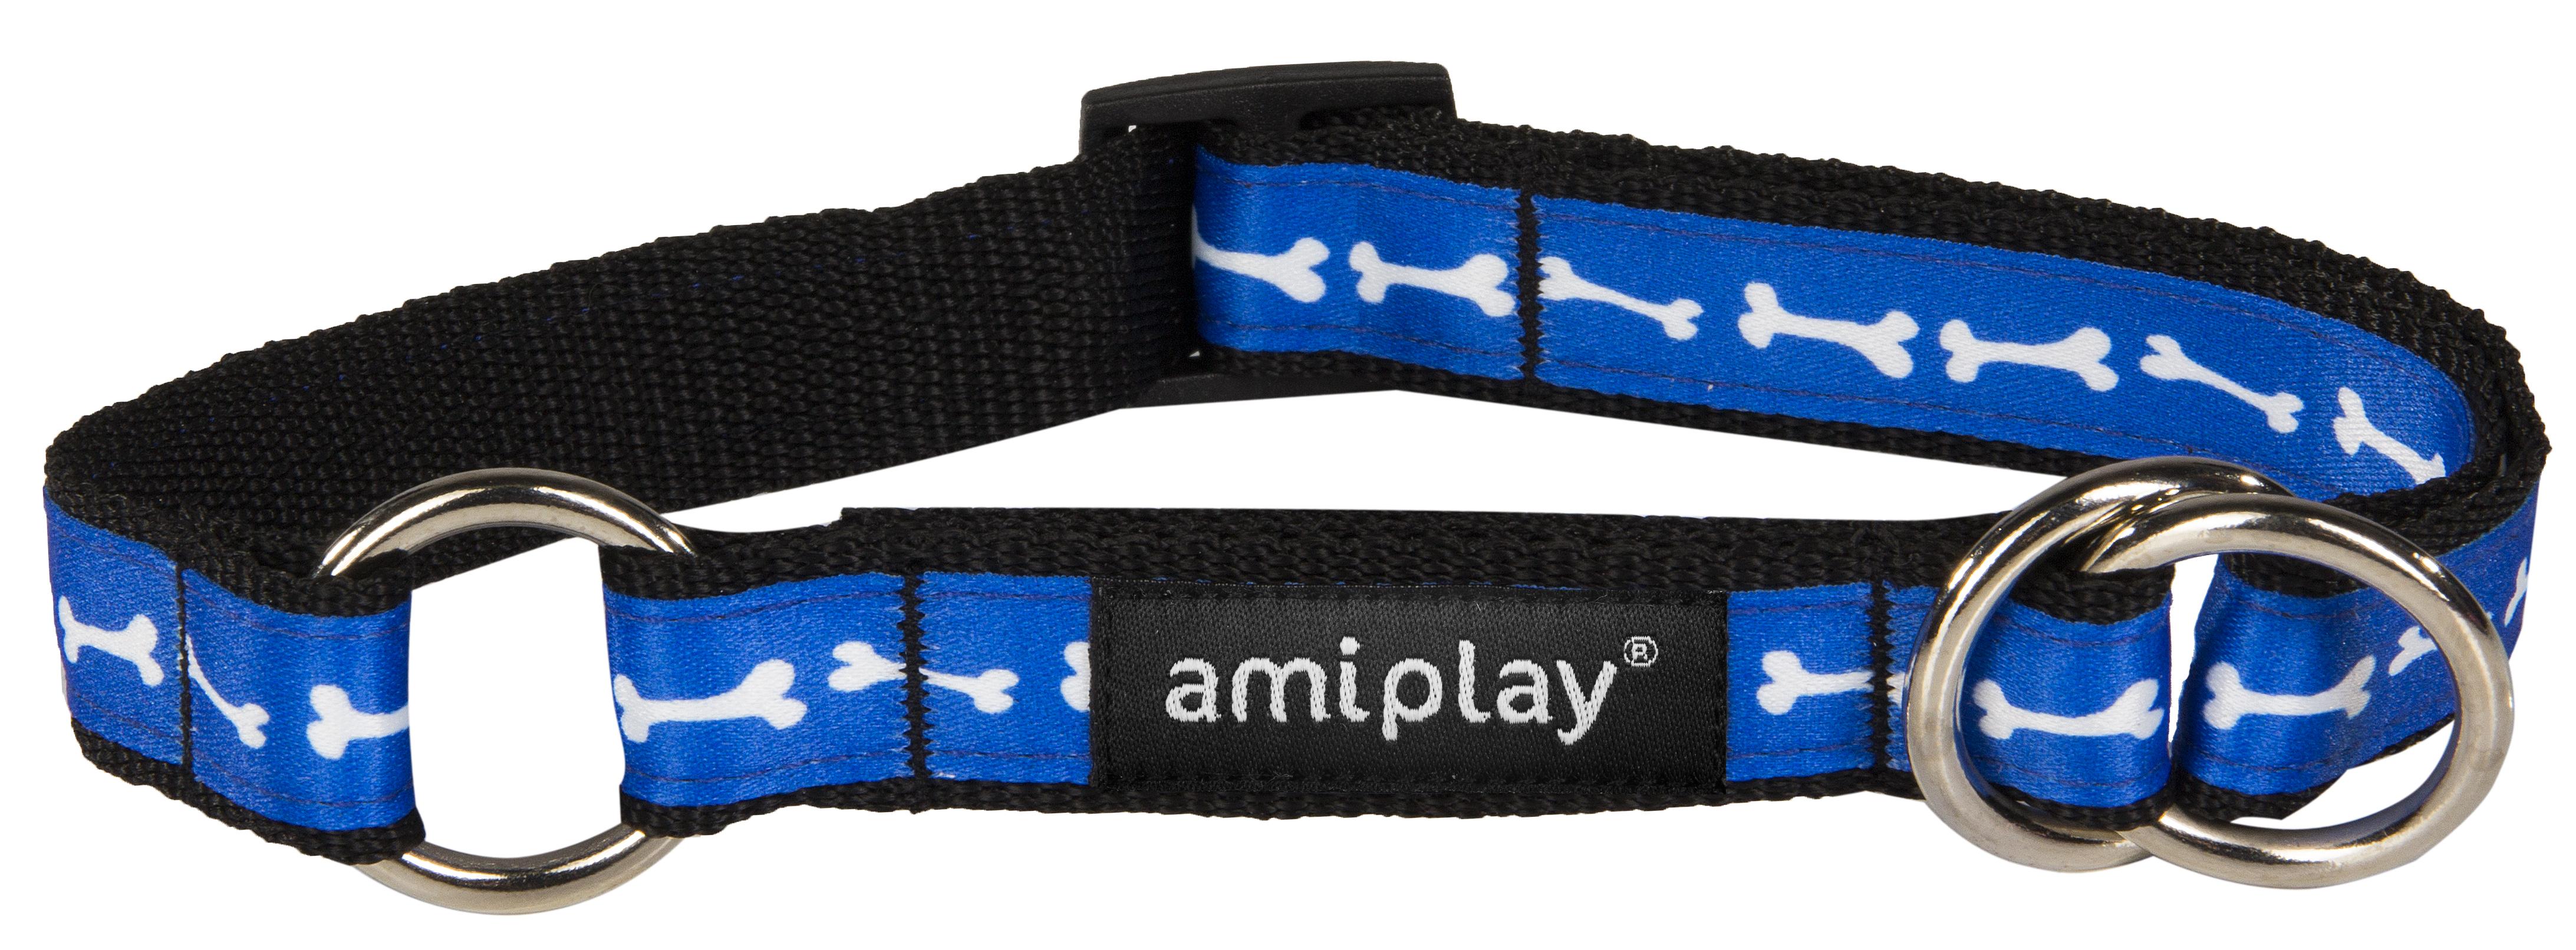 Obojek pro psa polostahovací nylonový - modrý se vzorem kost - 2 x 26 - 48 cm